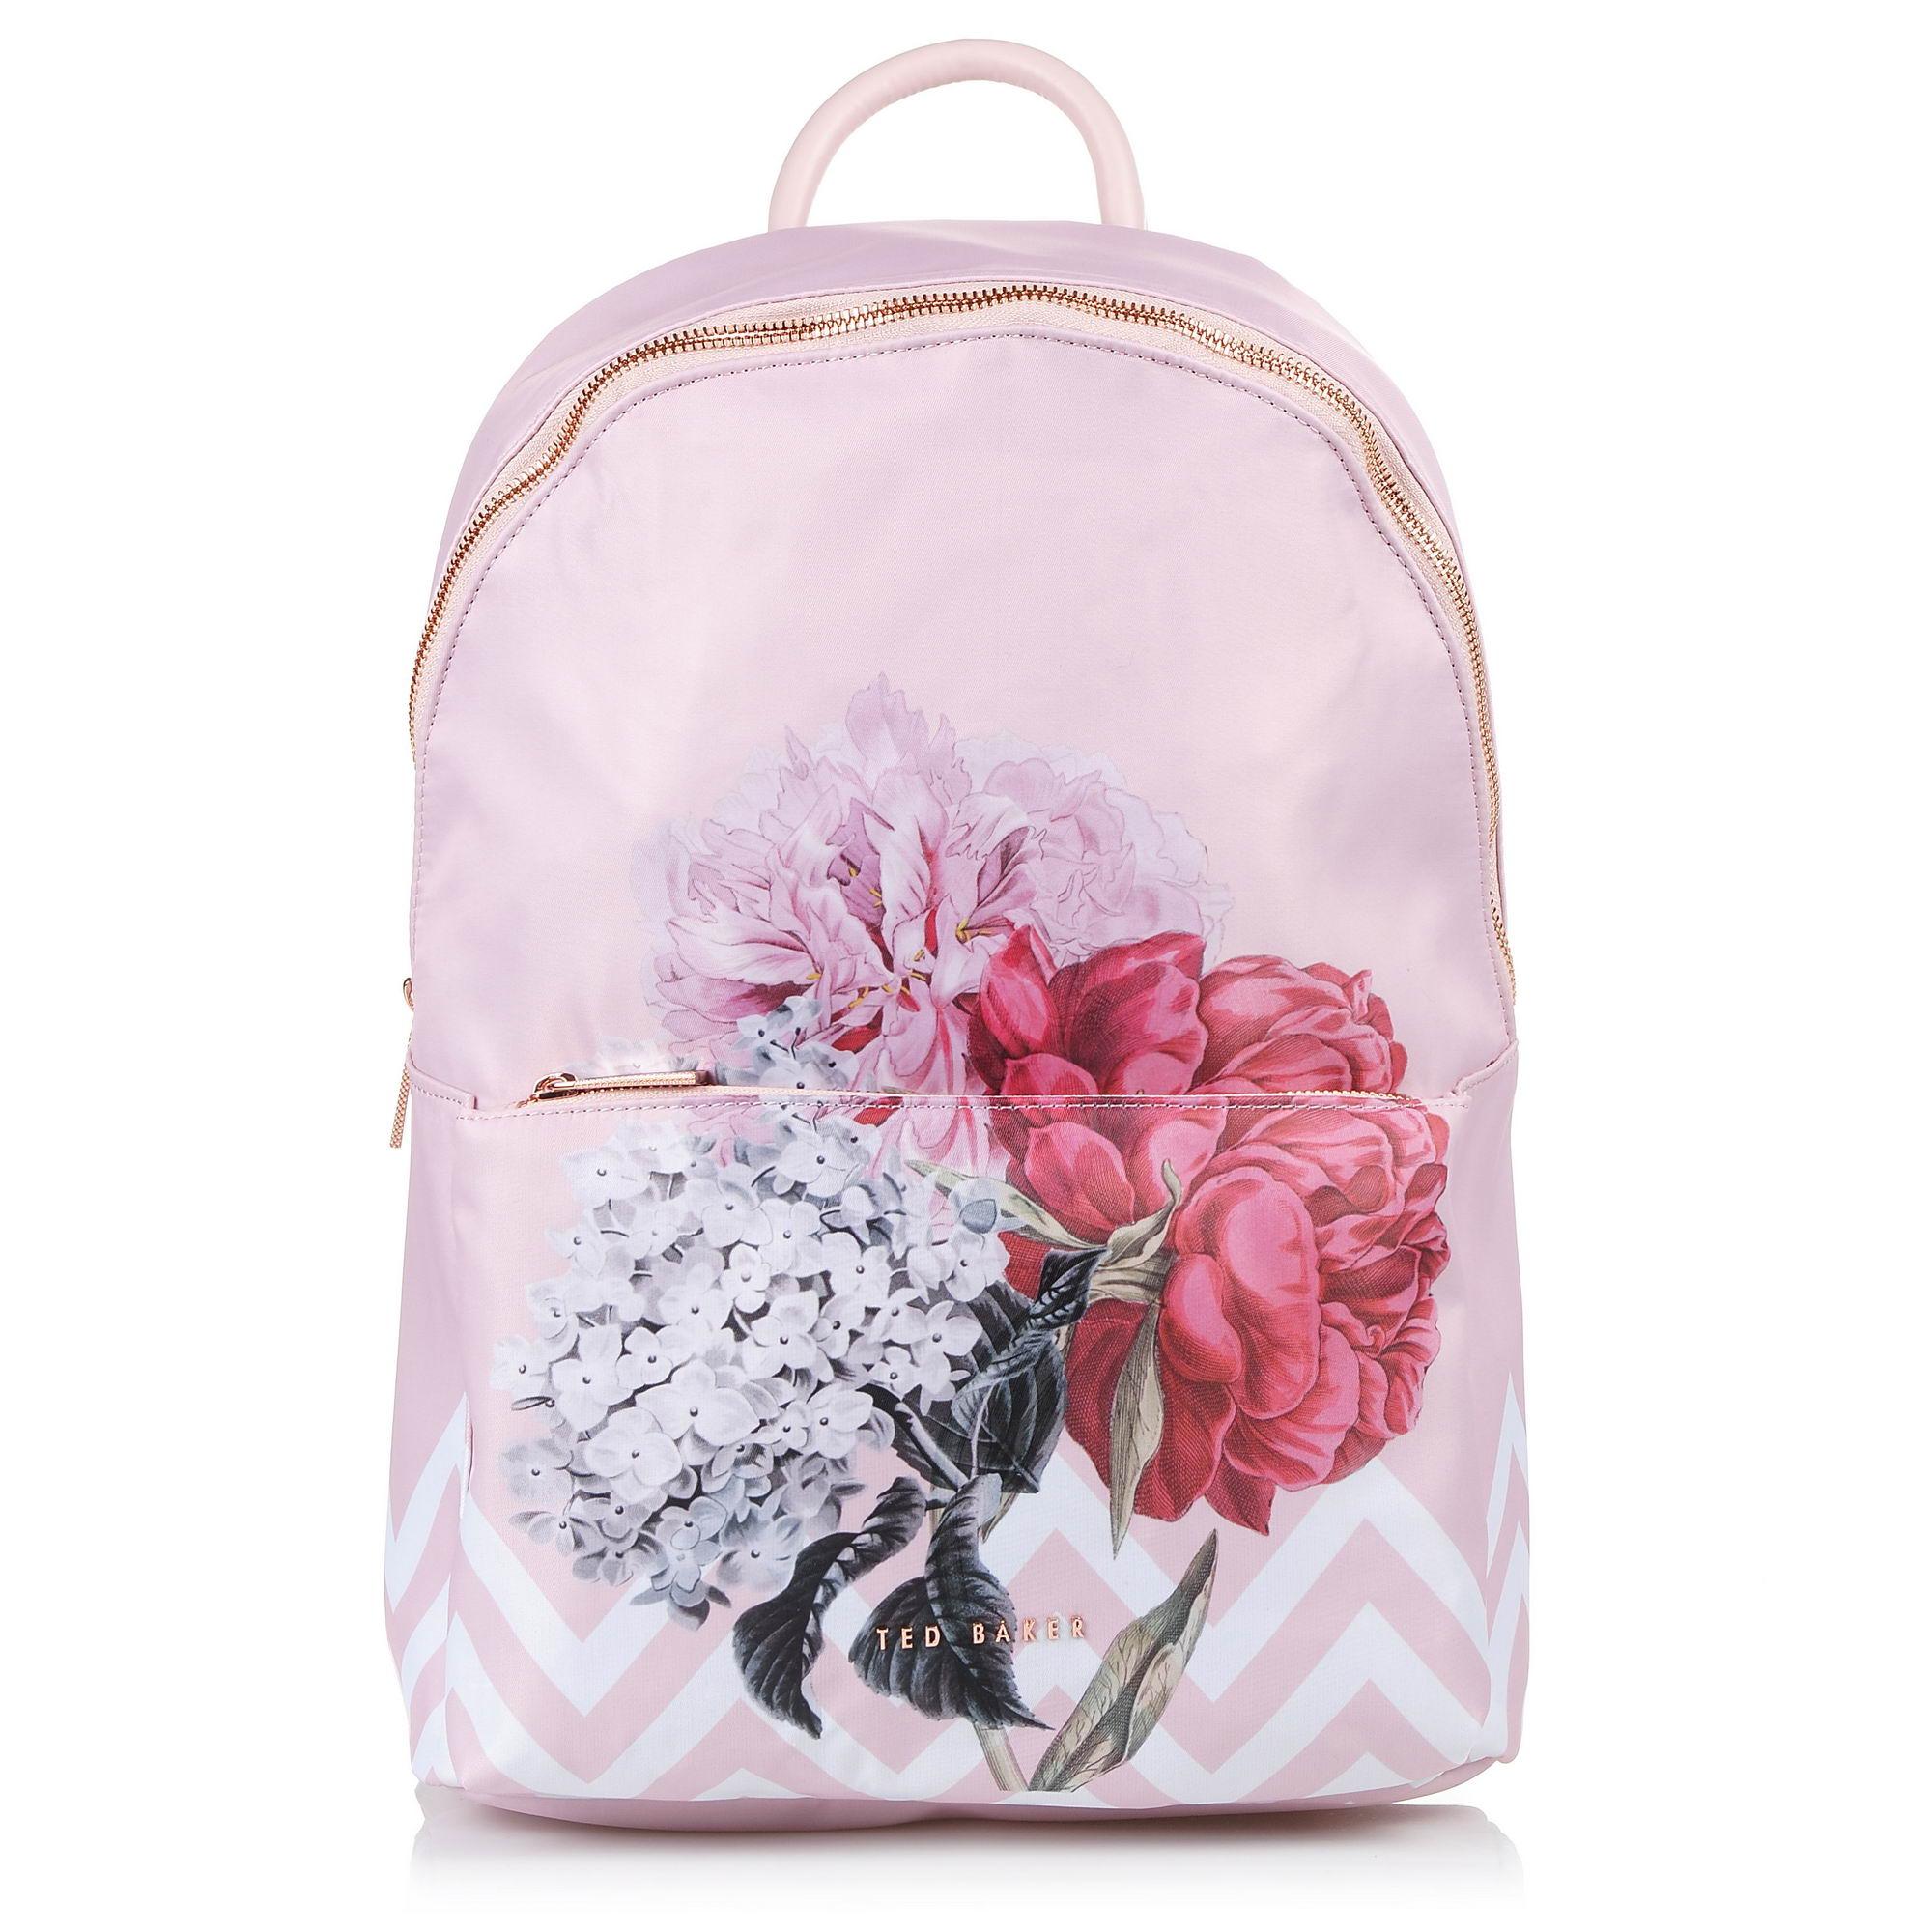 Σακίδιο Πλάτης Ted Baker Palace Gardens Nylon Backpack 143132 γυναικα   γυναικεία τσάντα